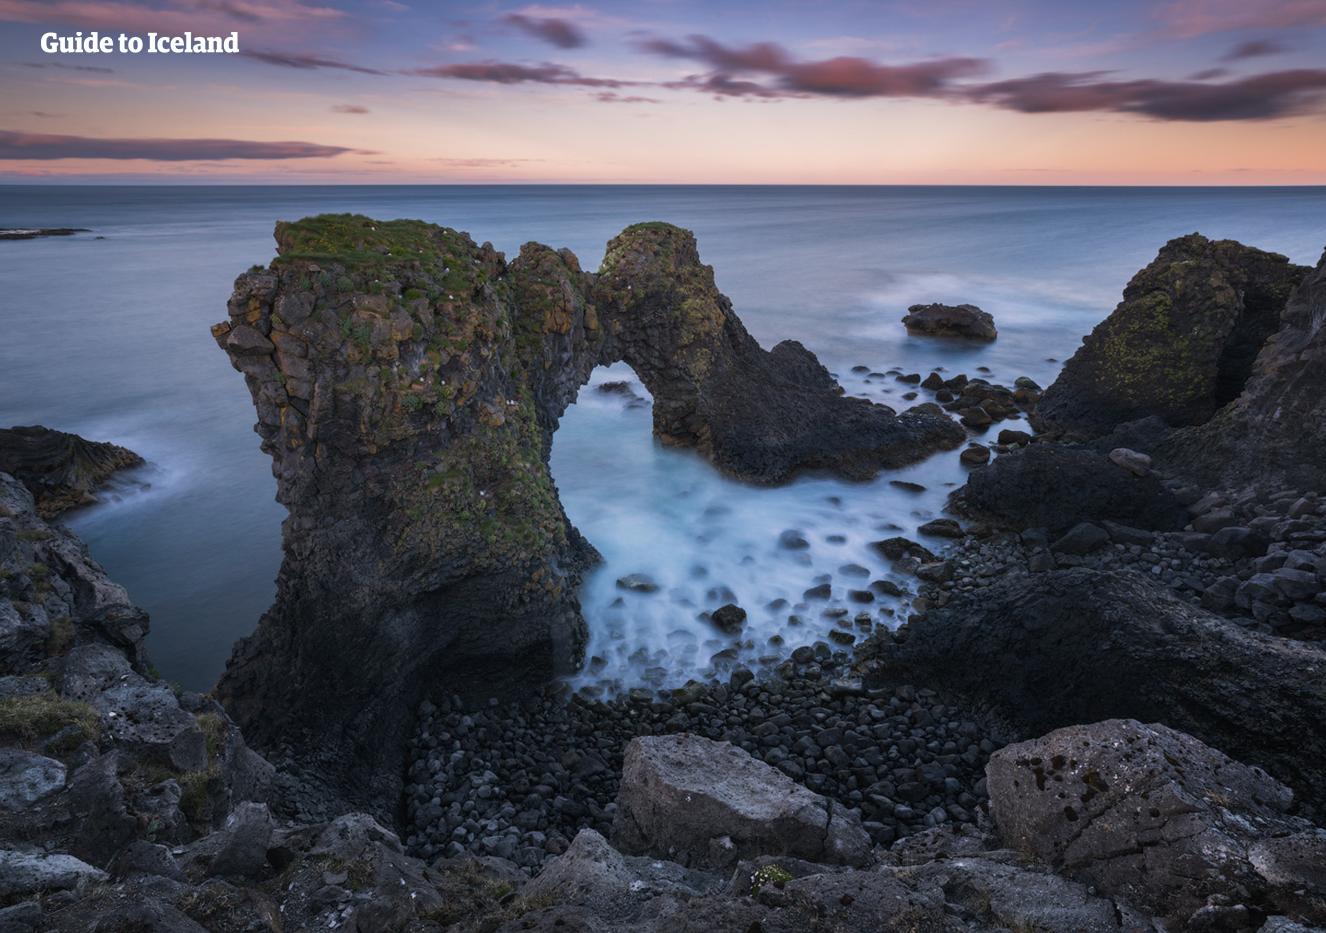 Gatklettur è una delle tante meravigliose formazioni rocciose nella penisola di Snæfellsnes nell'Islanda occidentale.